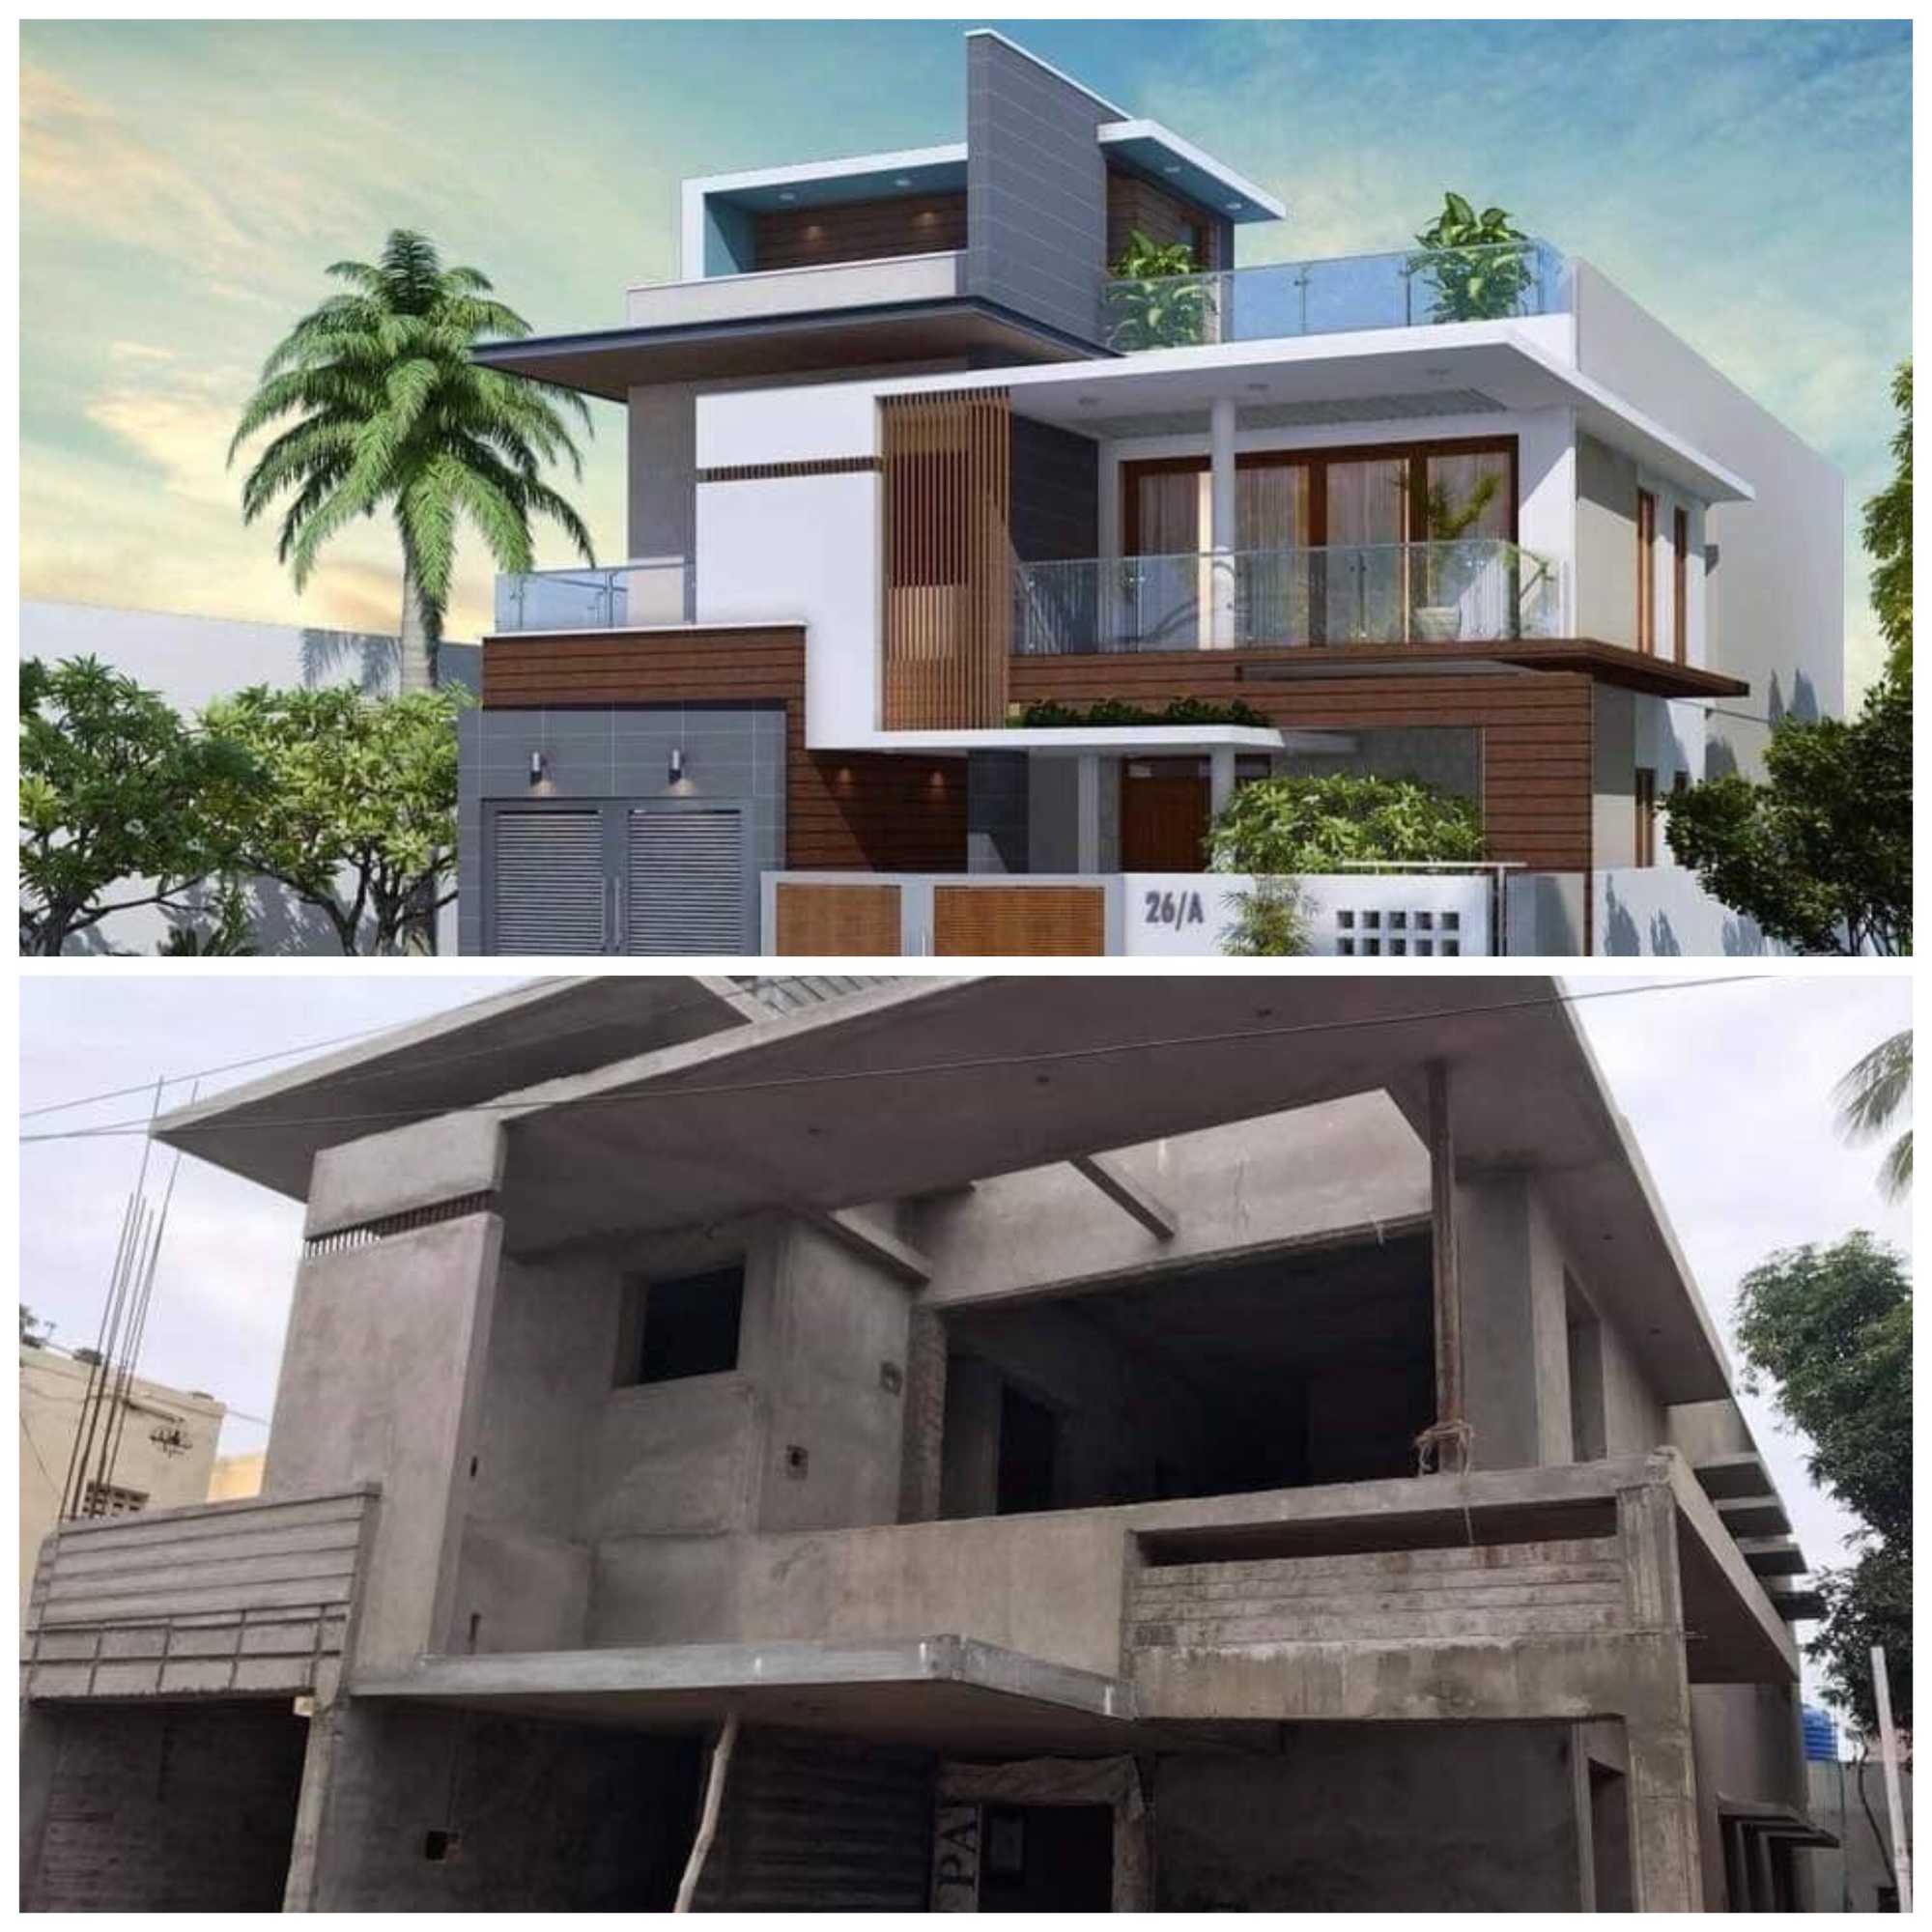 Engineerbuilds